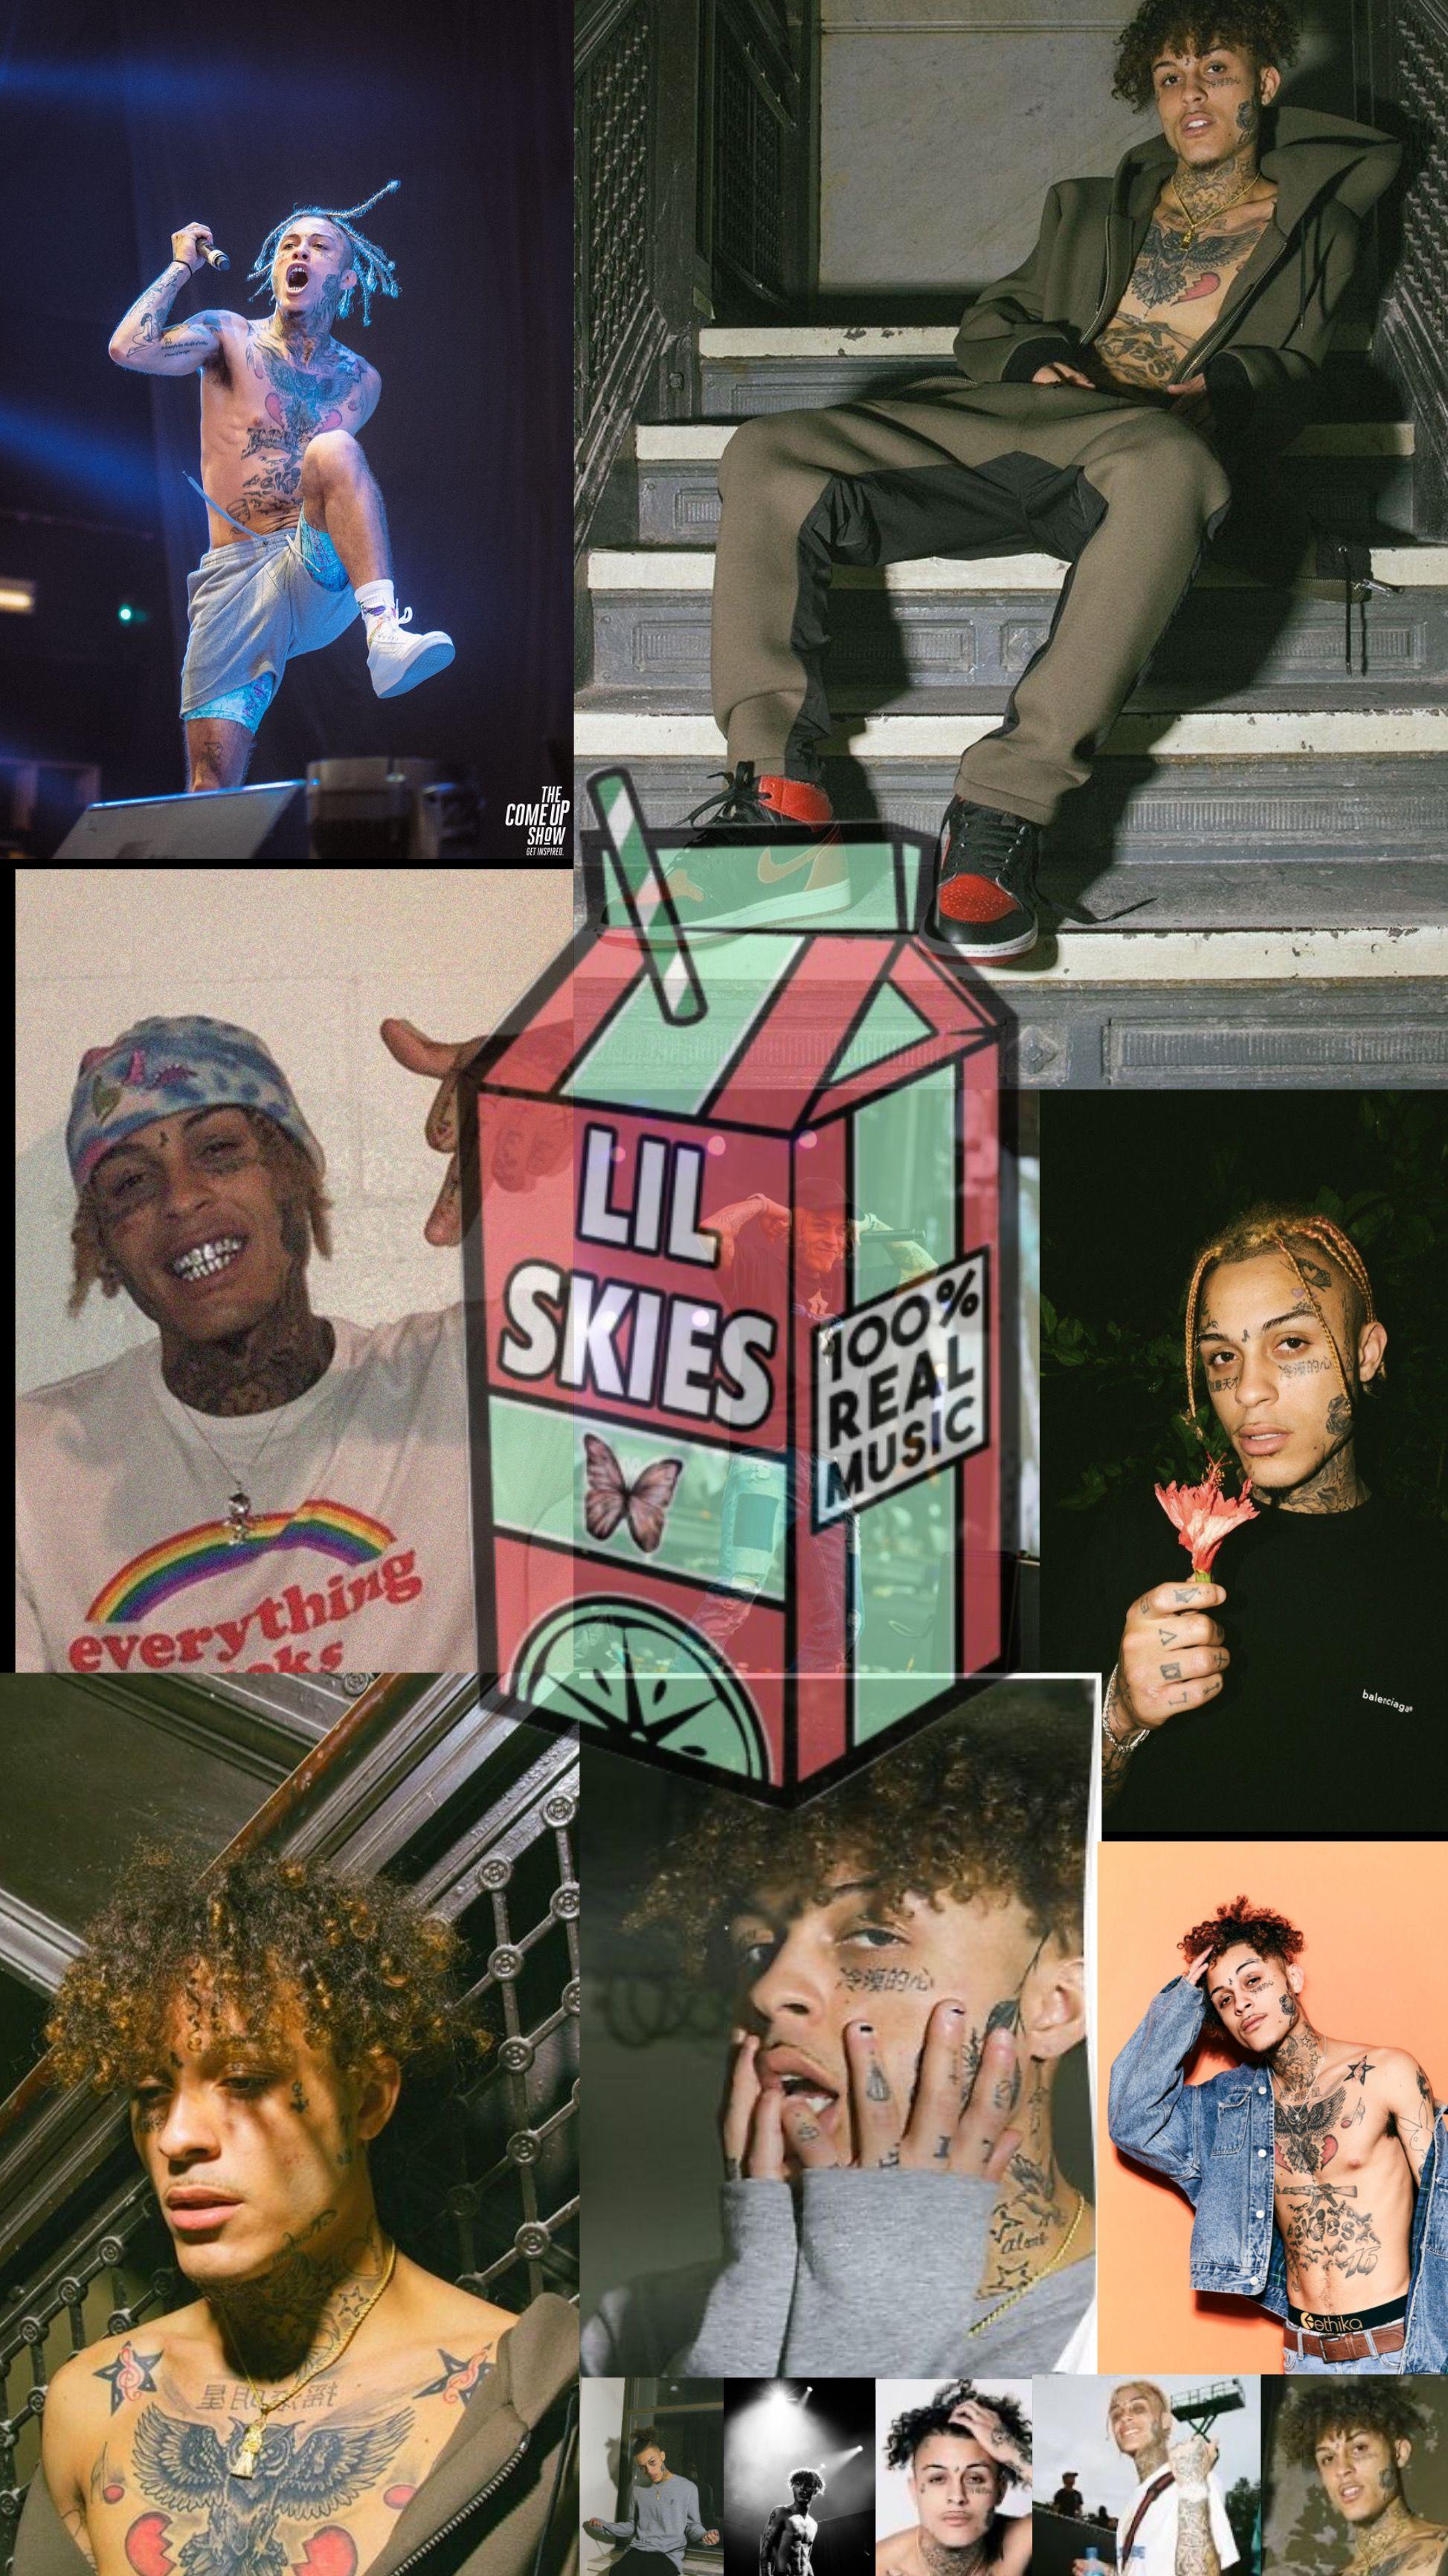 lil skies 1🦋 in 2020 Lil skies, Rap wallpaper